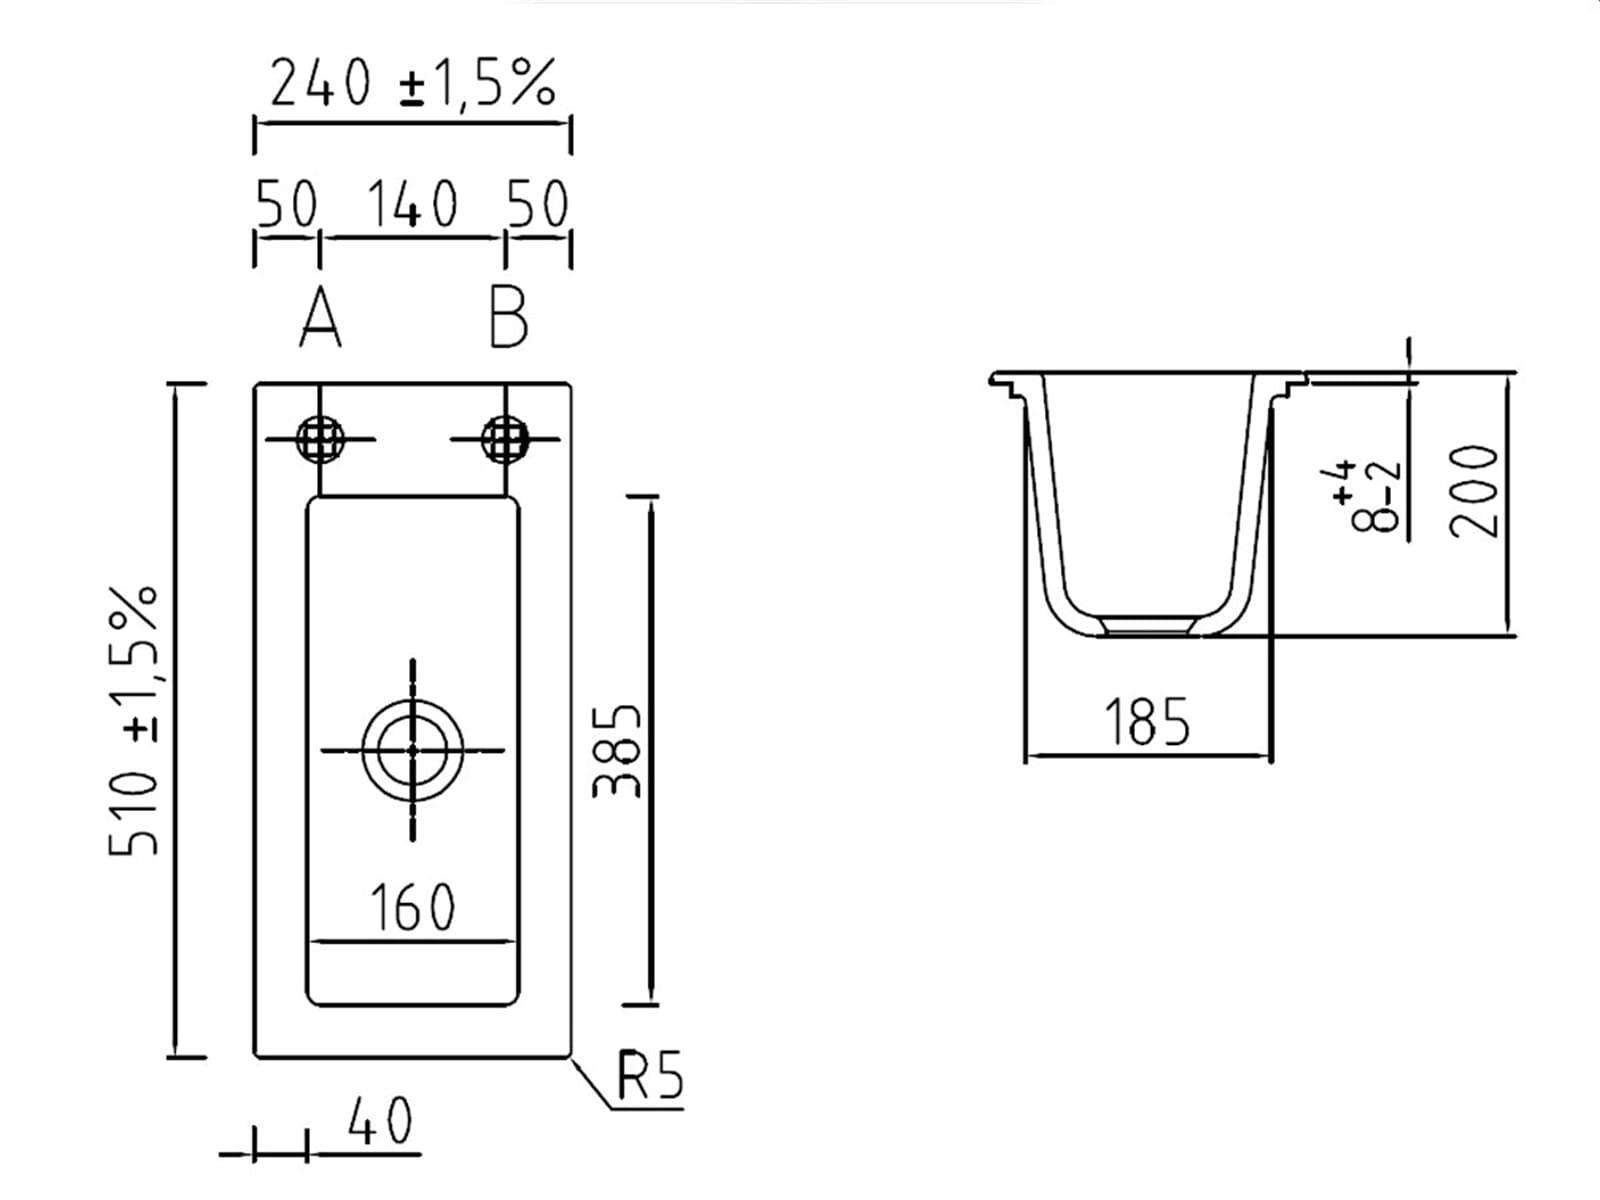 Systemceram Mera 24 Satin Keramikspüle Handbetätigung